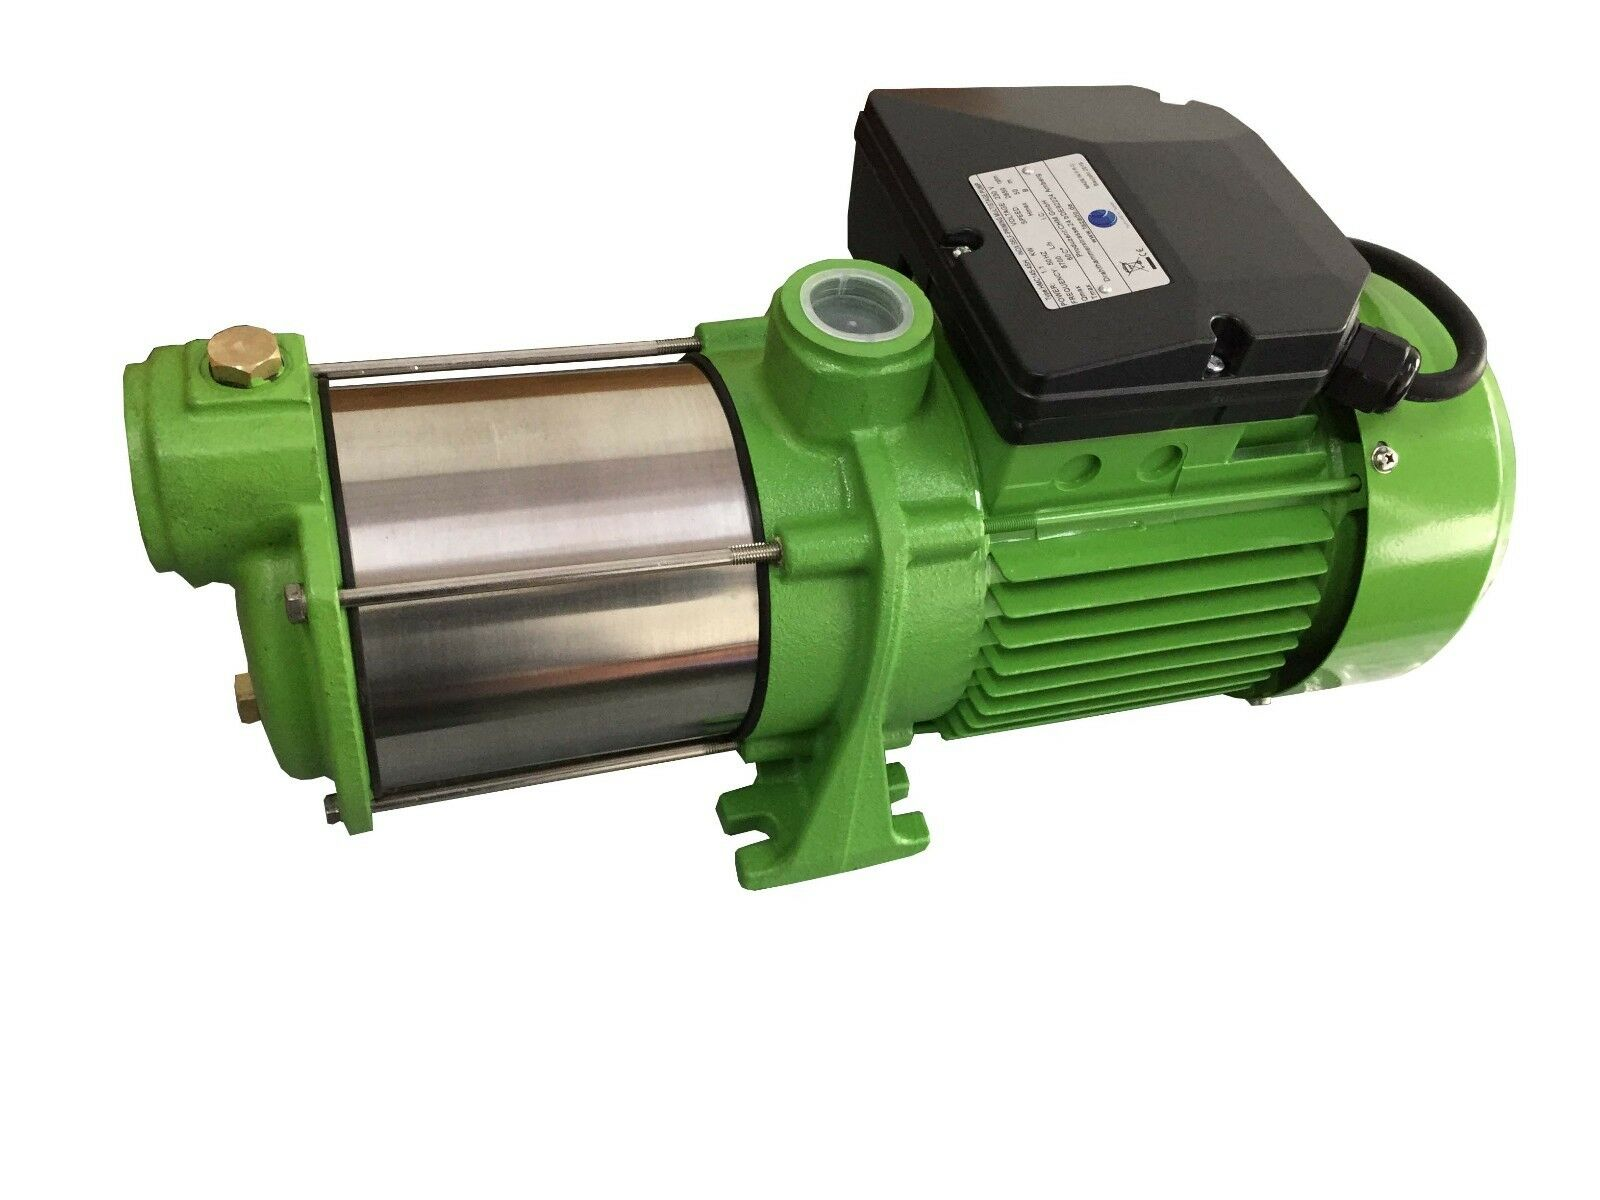 CHM GmbH Kreiselpumpe Edelstahl 1 1 Kw Kw Kw 9000 L h Gartenpumpe Pumpe Hauswasserwerk 342d90